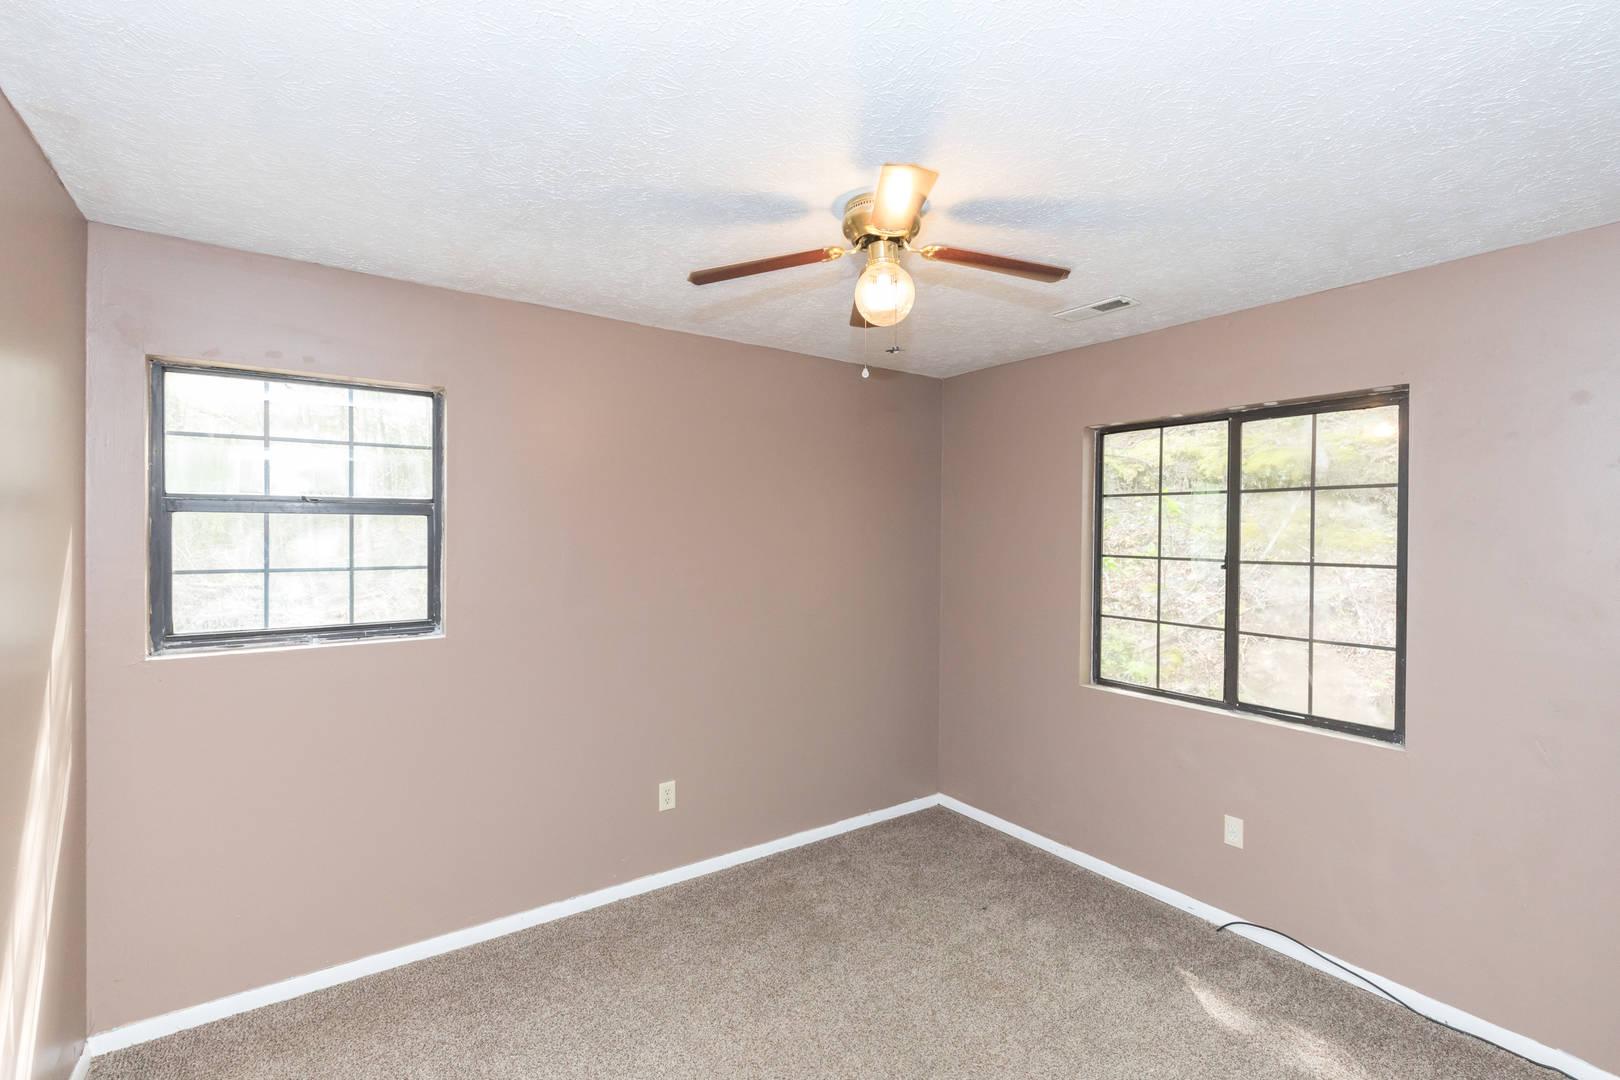 121 Crestline Drive  Pulaski, VA 24301